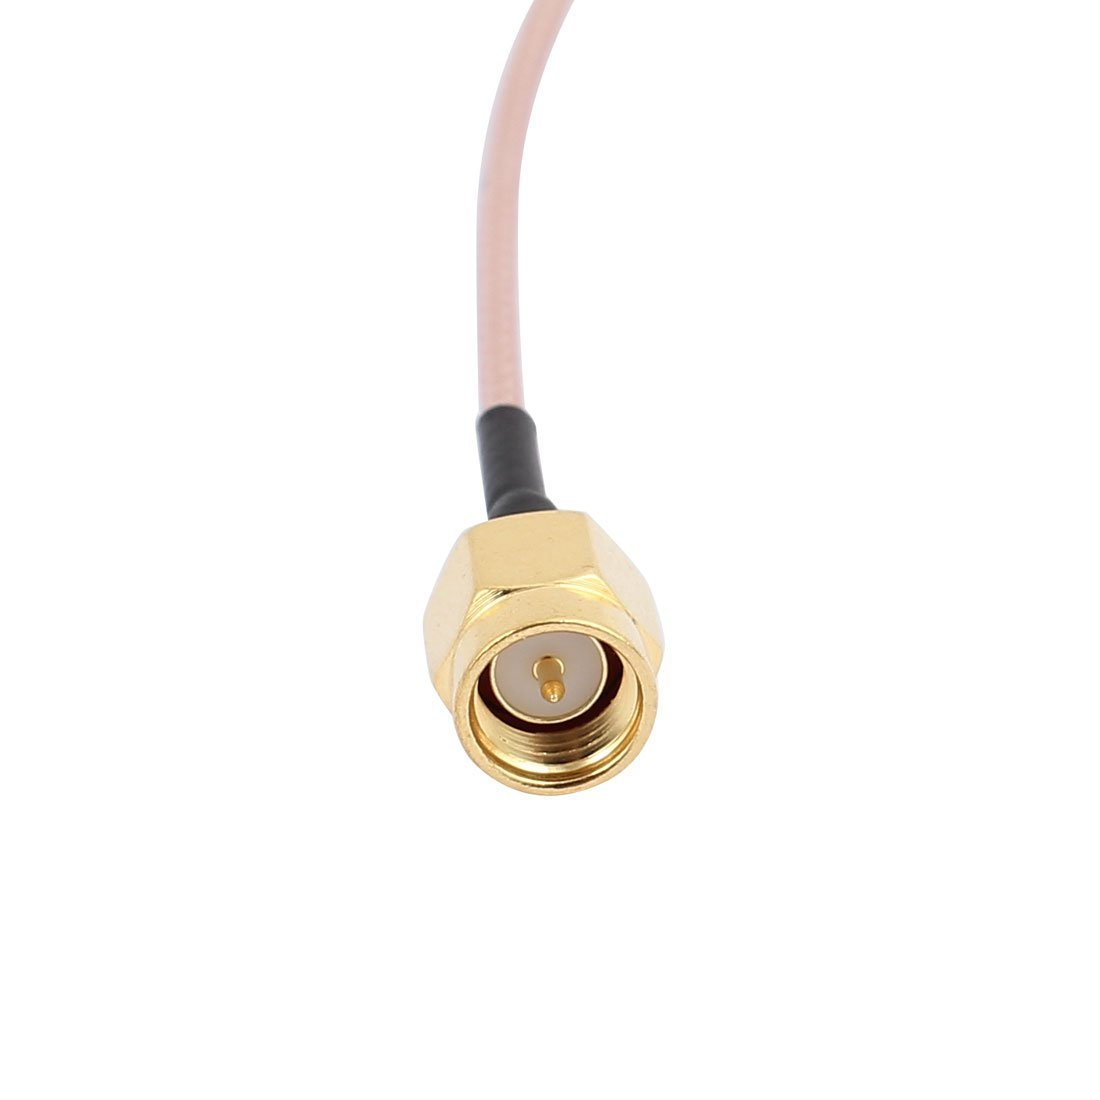 Amazon.com: eDealMax 5 piezas de oro SMA Macho a RP-SMA hembra adaptador de conector RG178 Cable coaxial f televisión por satélite 10cm: Electronics